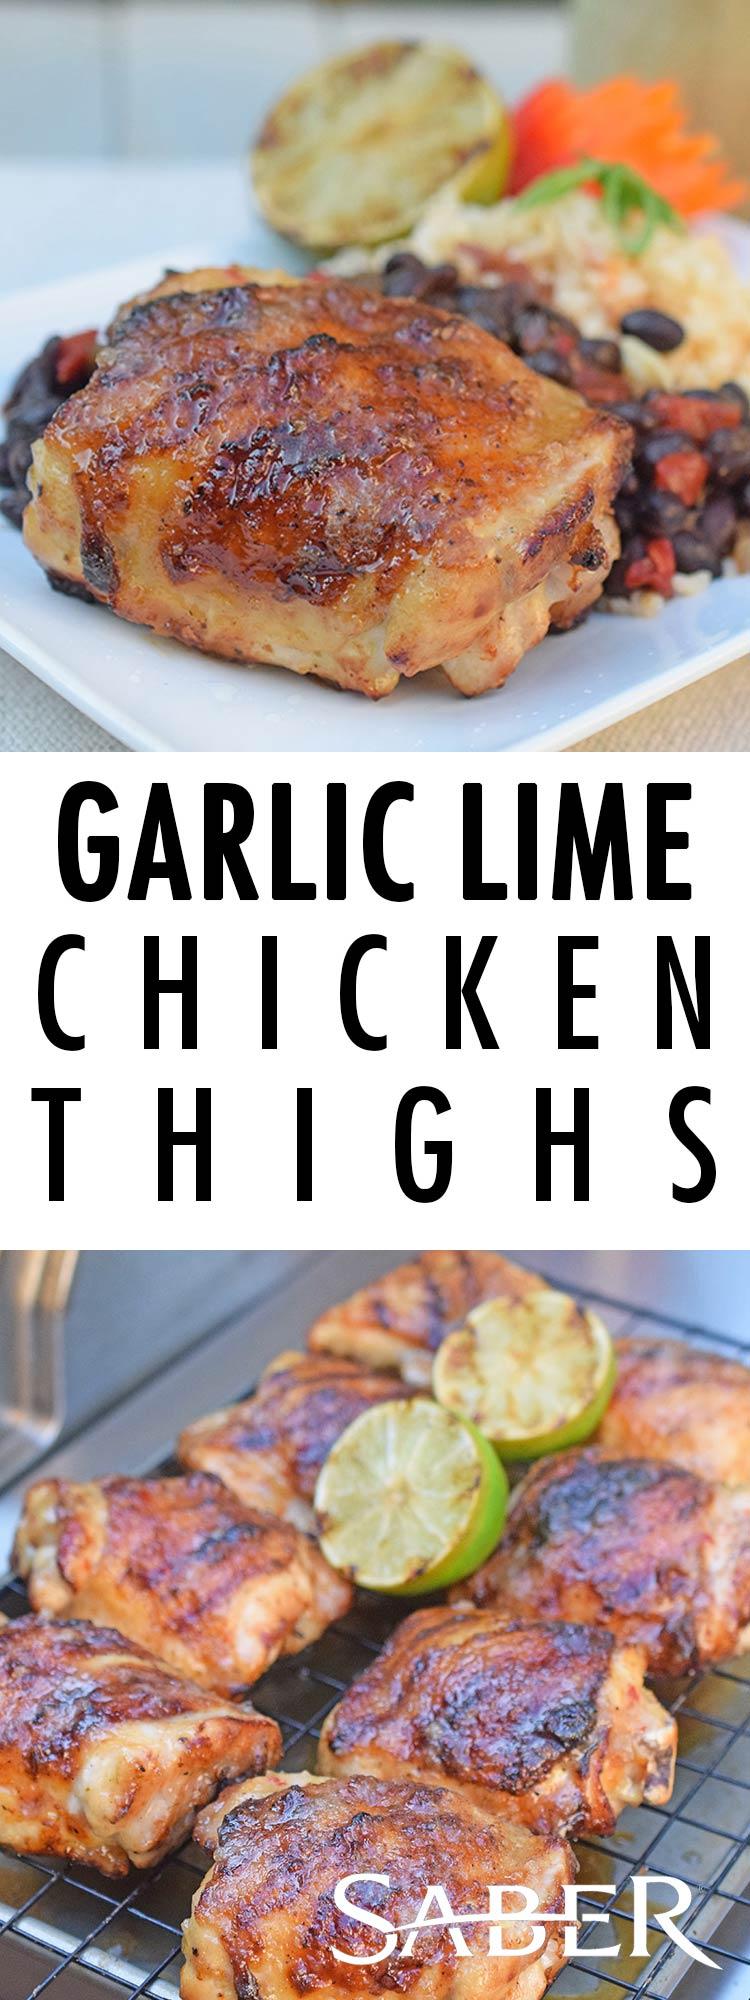 Garlic Lime Chicken Thighs